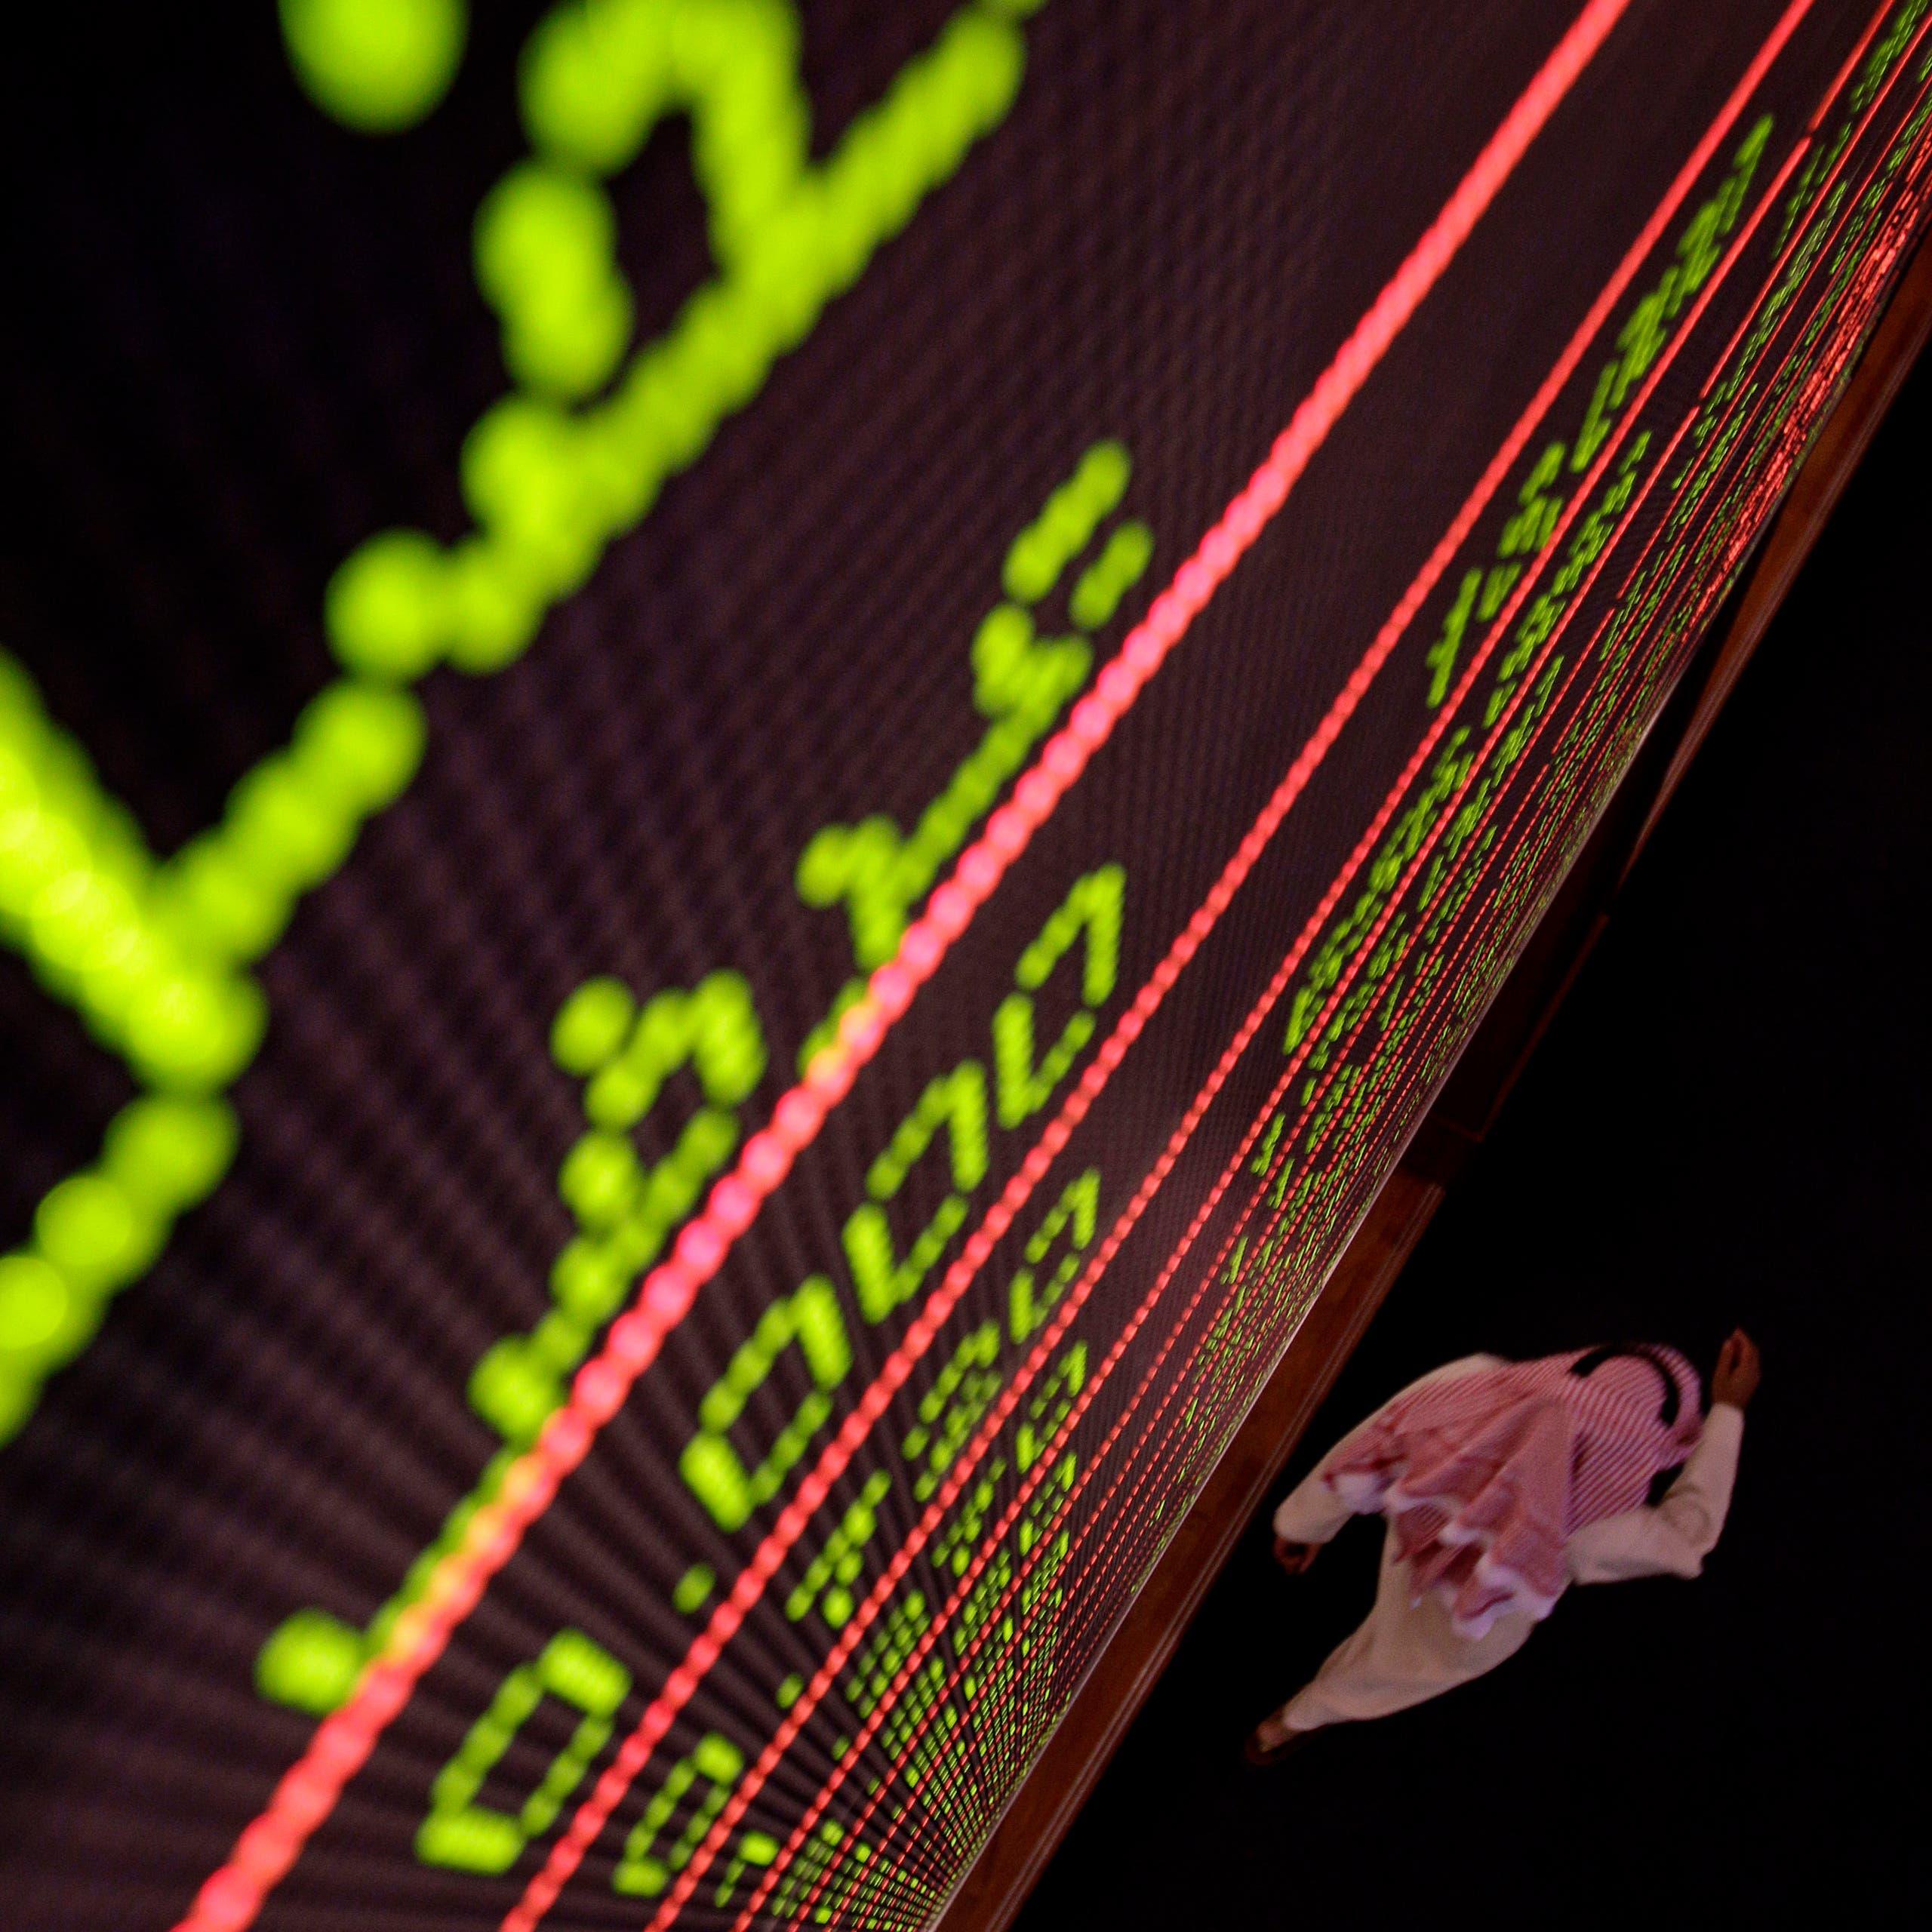 المكاسب القوية للأسهم العقارية تقفز بمؤشر سوق دبي 2.6%